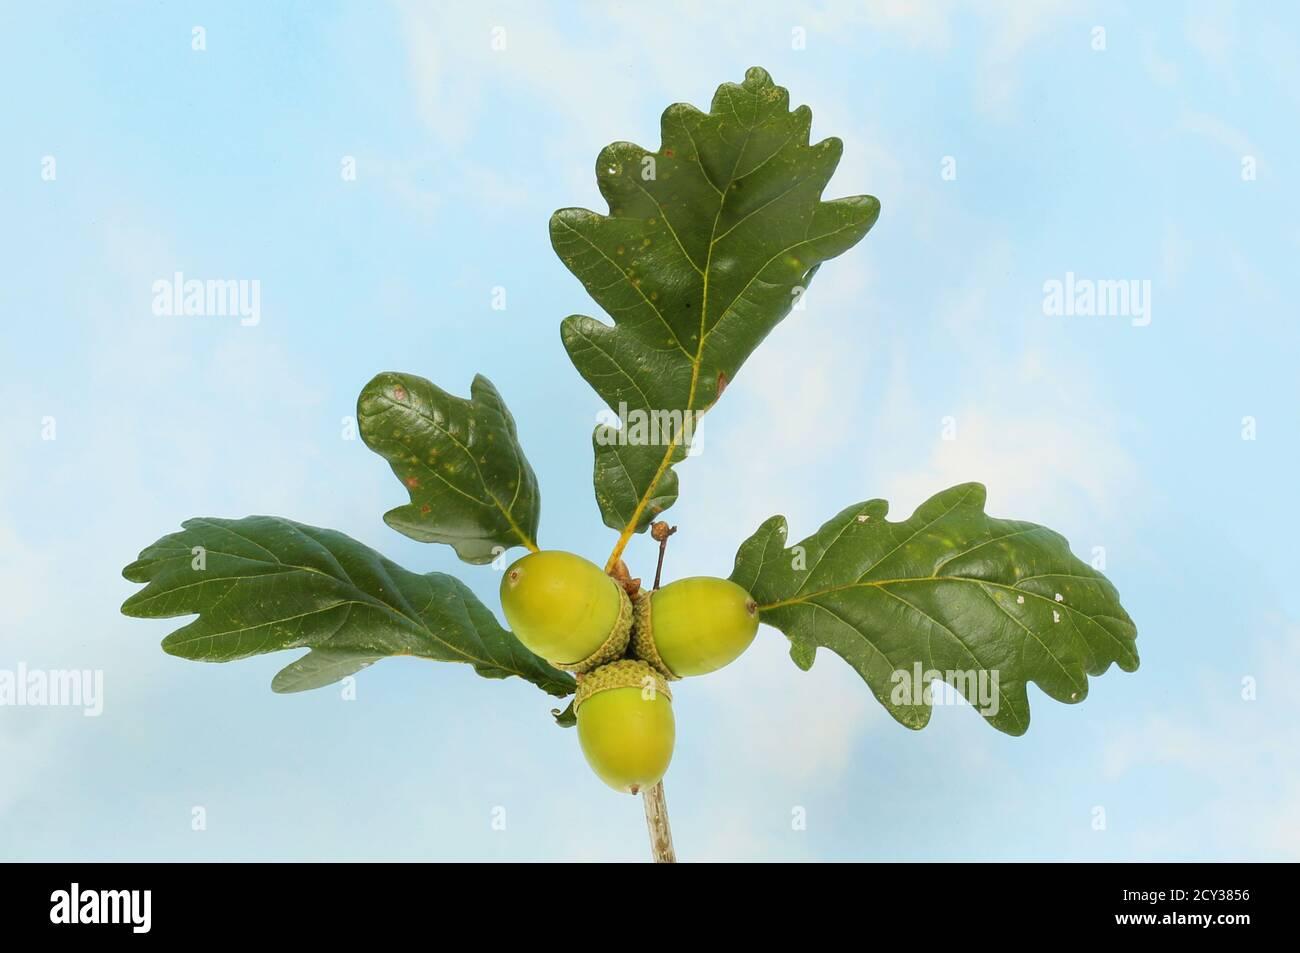 feuilles de chêne et glands contre un ciel bleu Banque D'Images